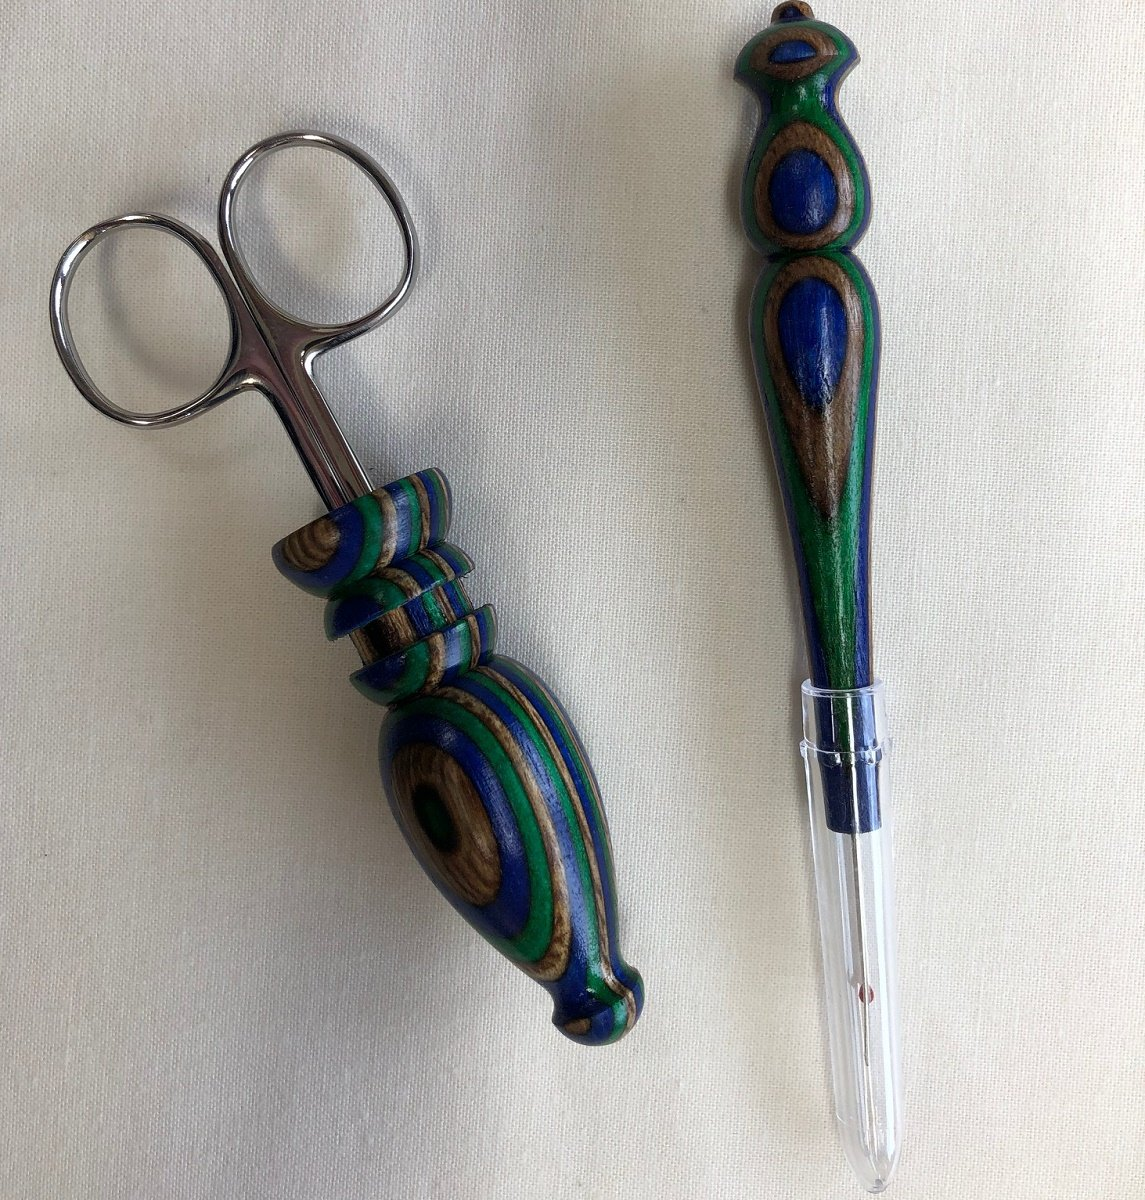 Scissor Seam Ripper Set Royal Kelly W29